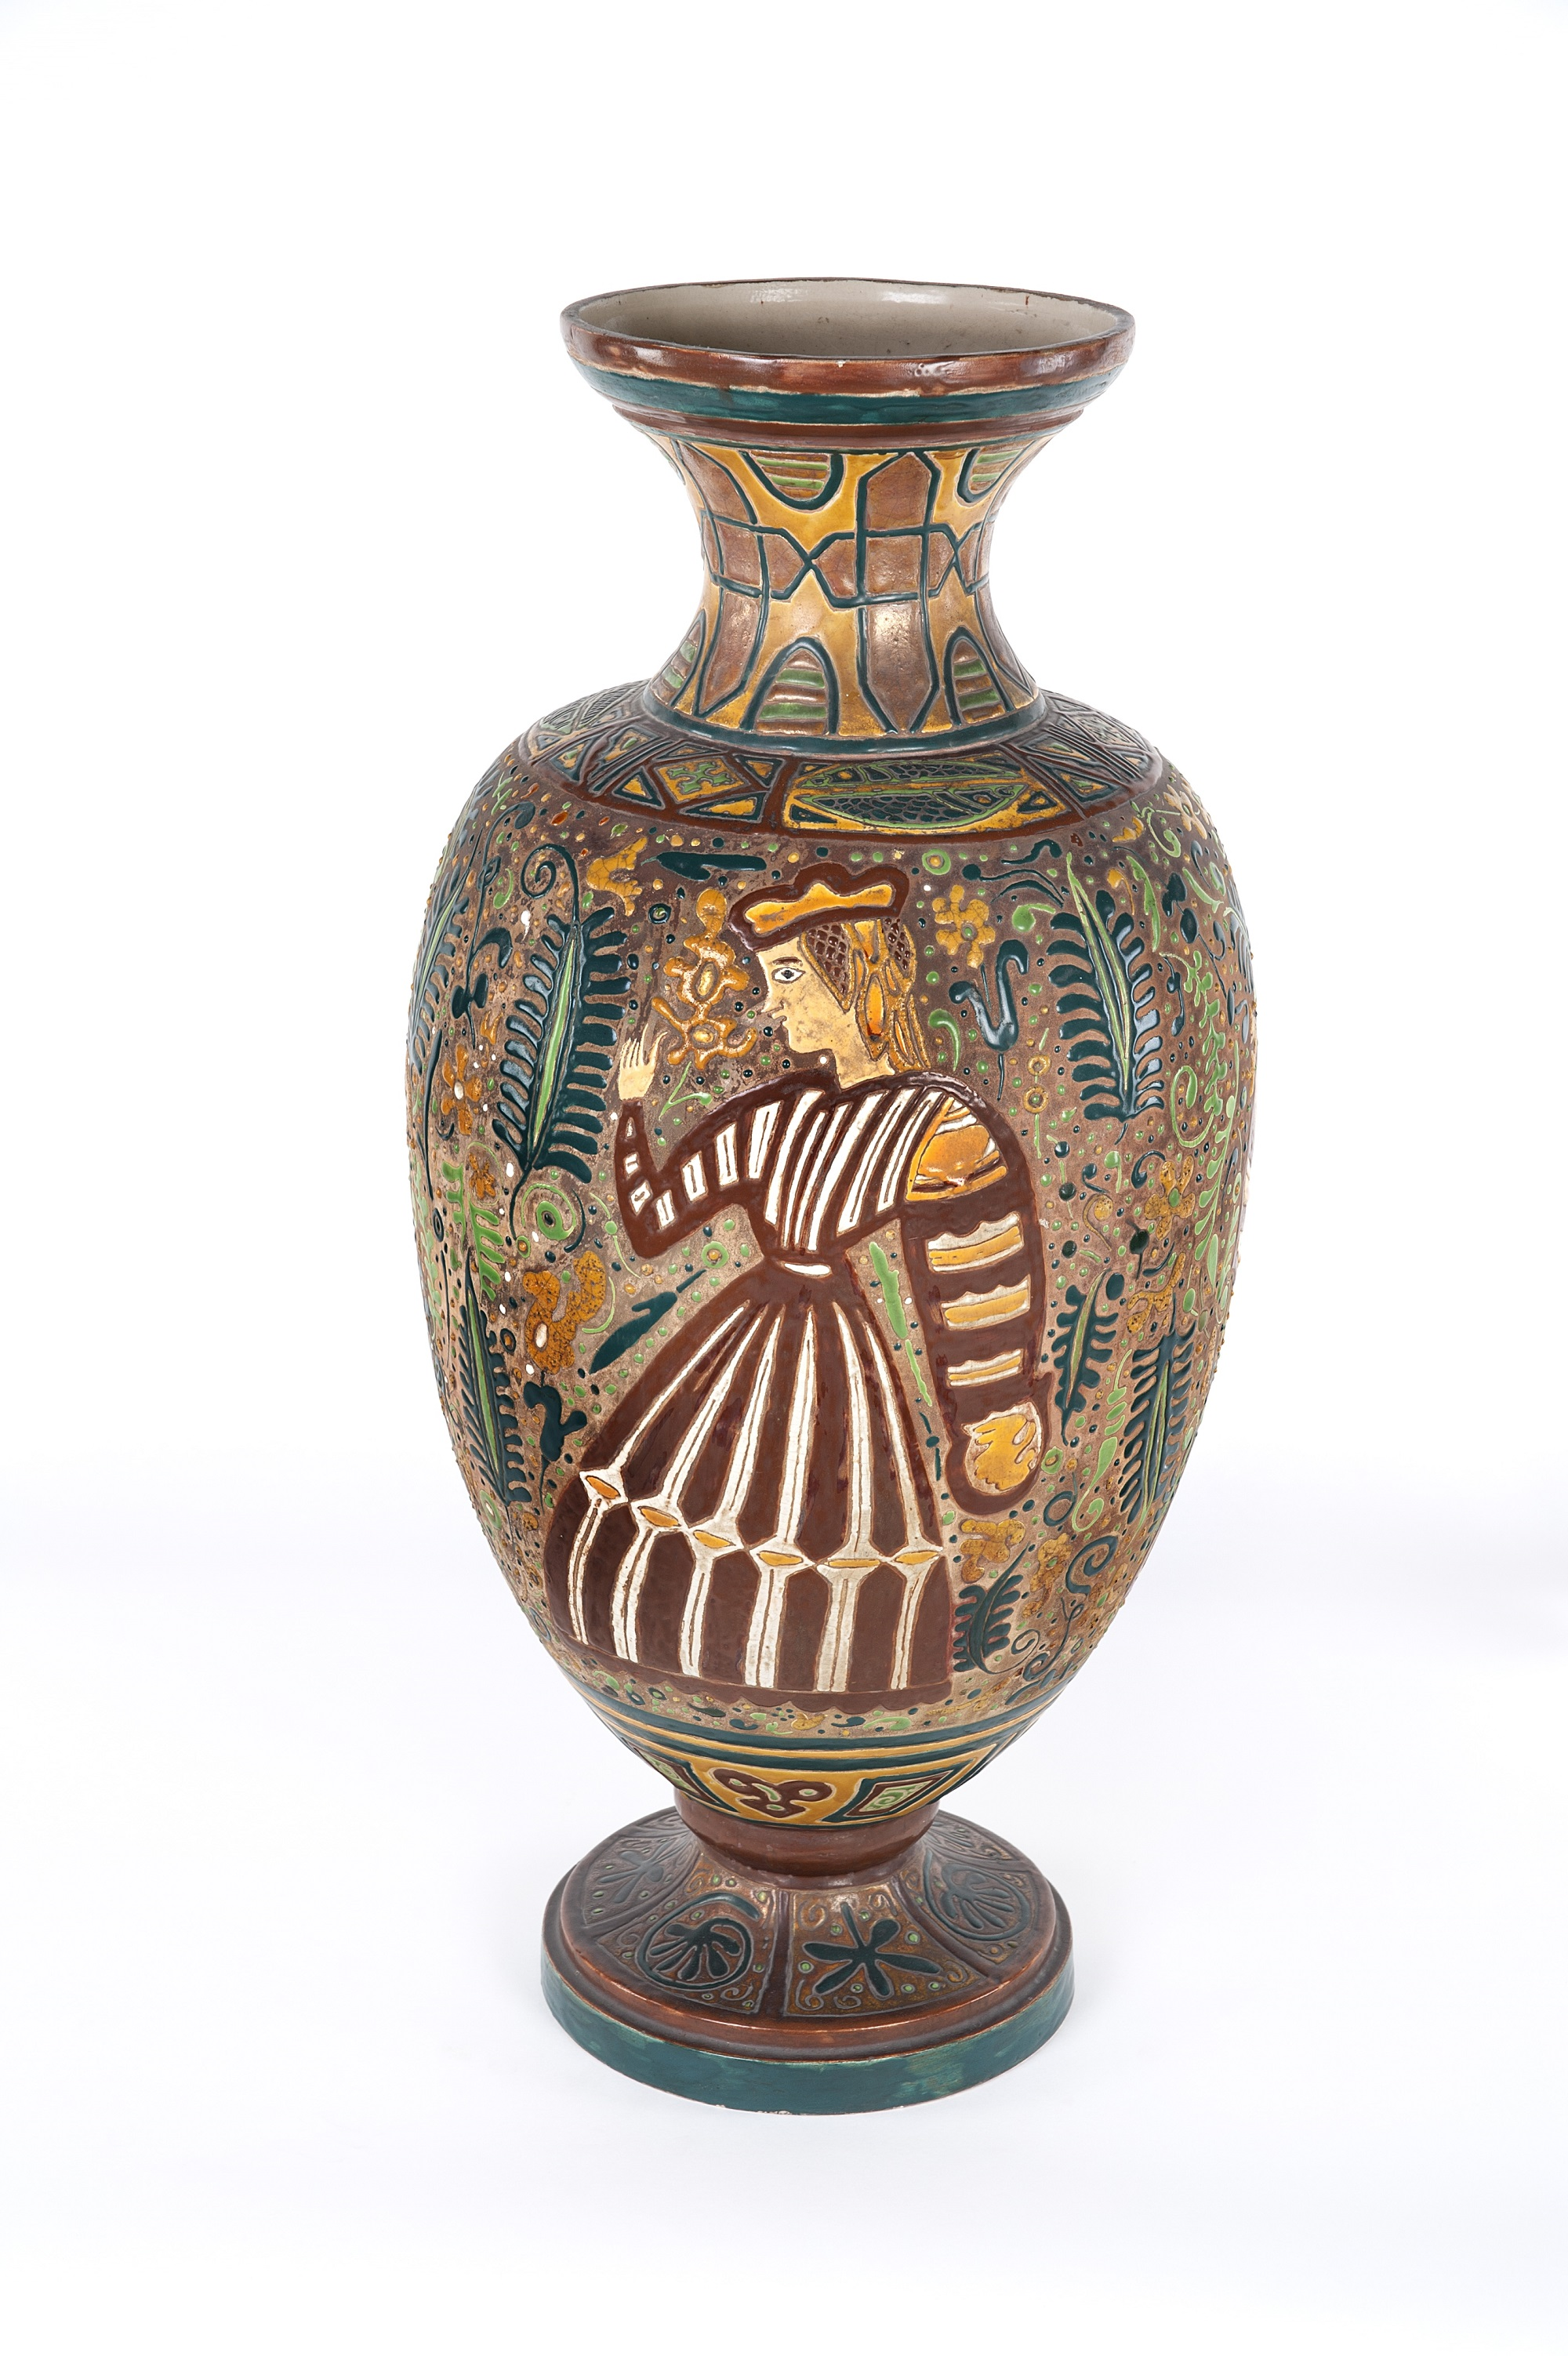 """Amelia Cuñat y Monleón (1878-1946), """"Vaso di ceramica"""", 1930-1940 c.ca. Ceramica cuerda seca, policromo, 78,5 x 23,5 cm. Museo Nacional de Cerámica y Artes Suntuarias González Martí, Valencia, via Wikimedia Commons [Public Domain]."""